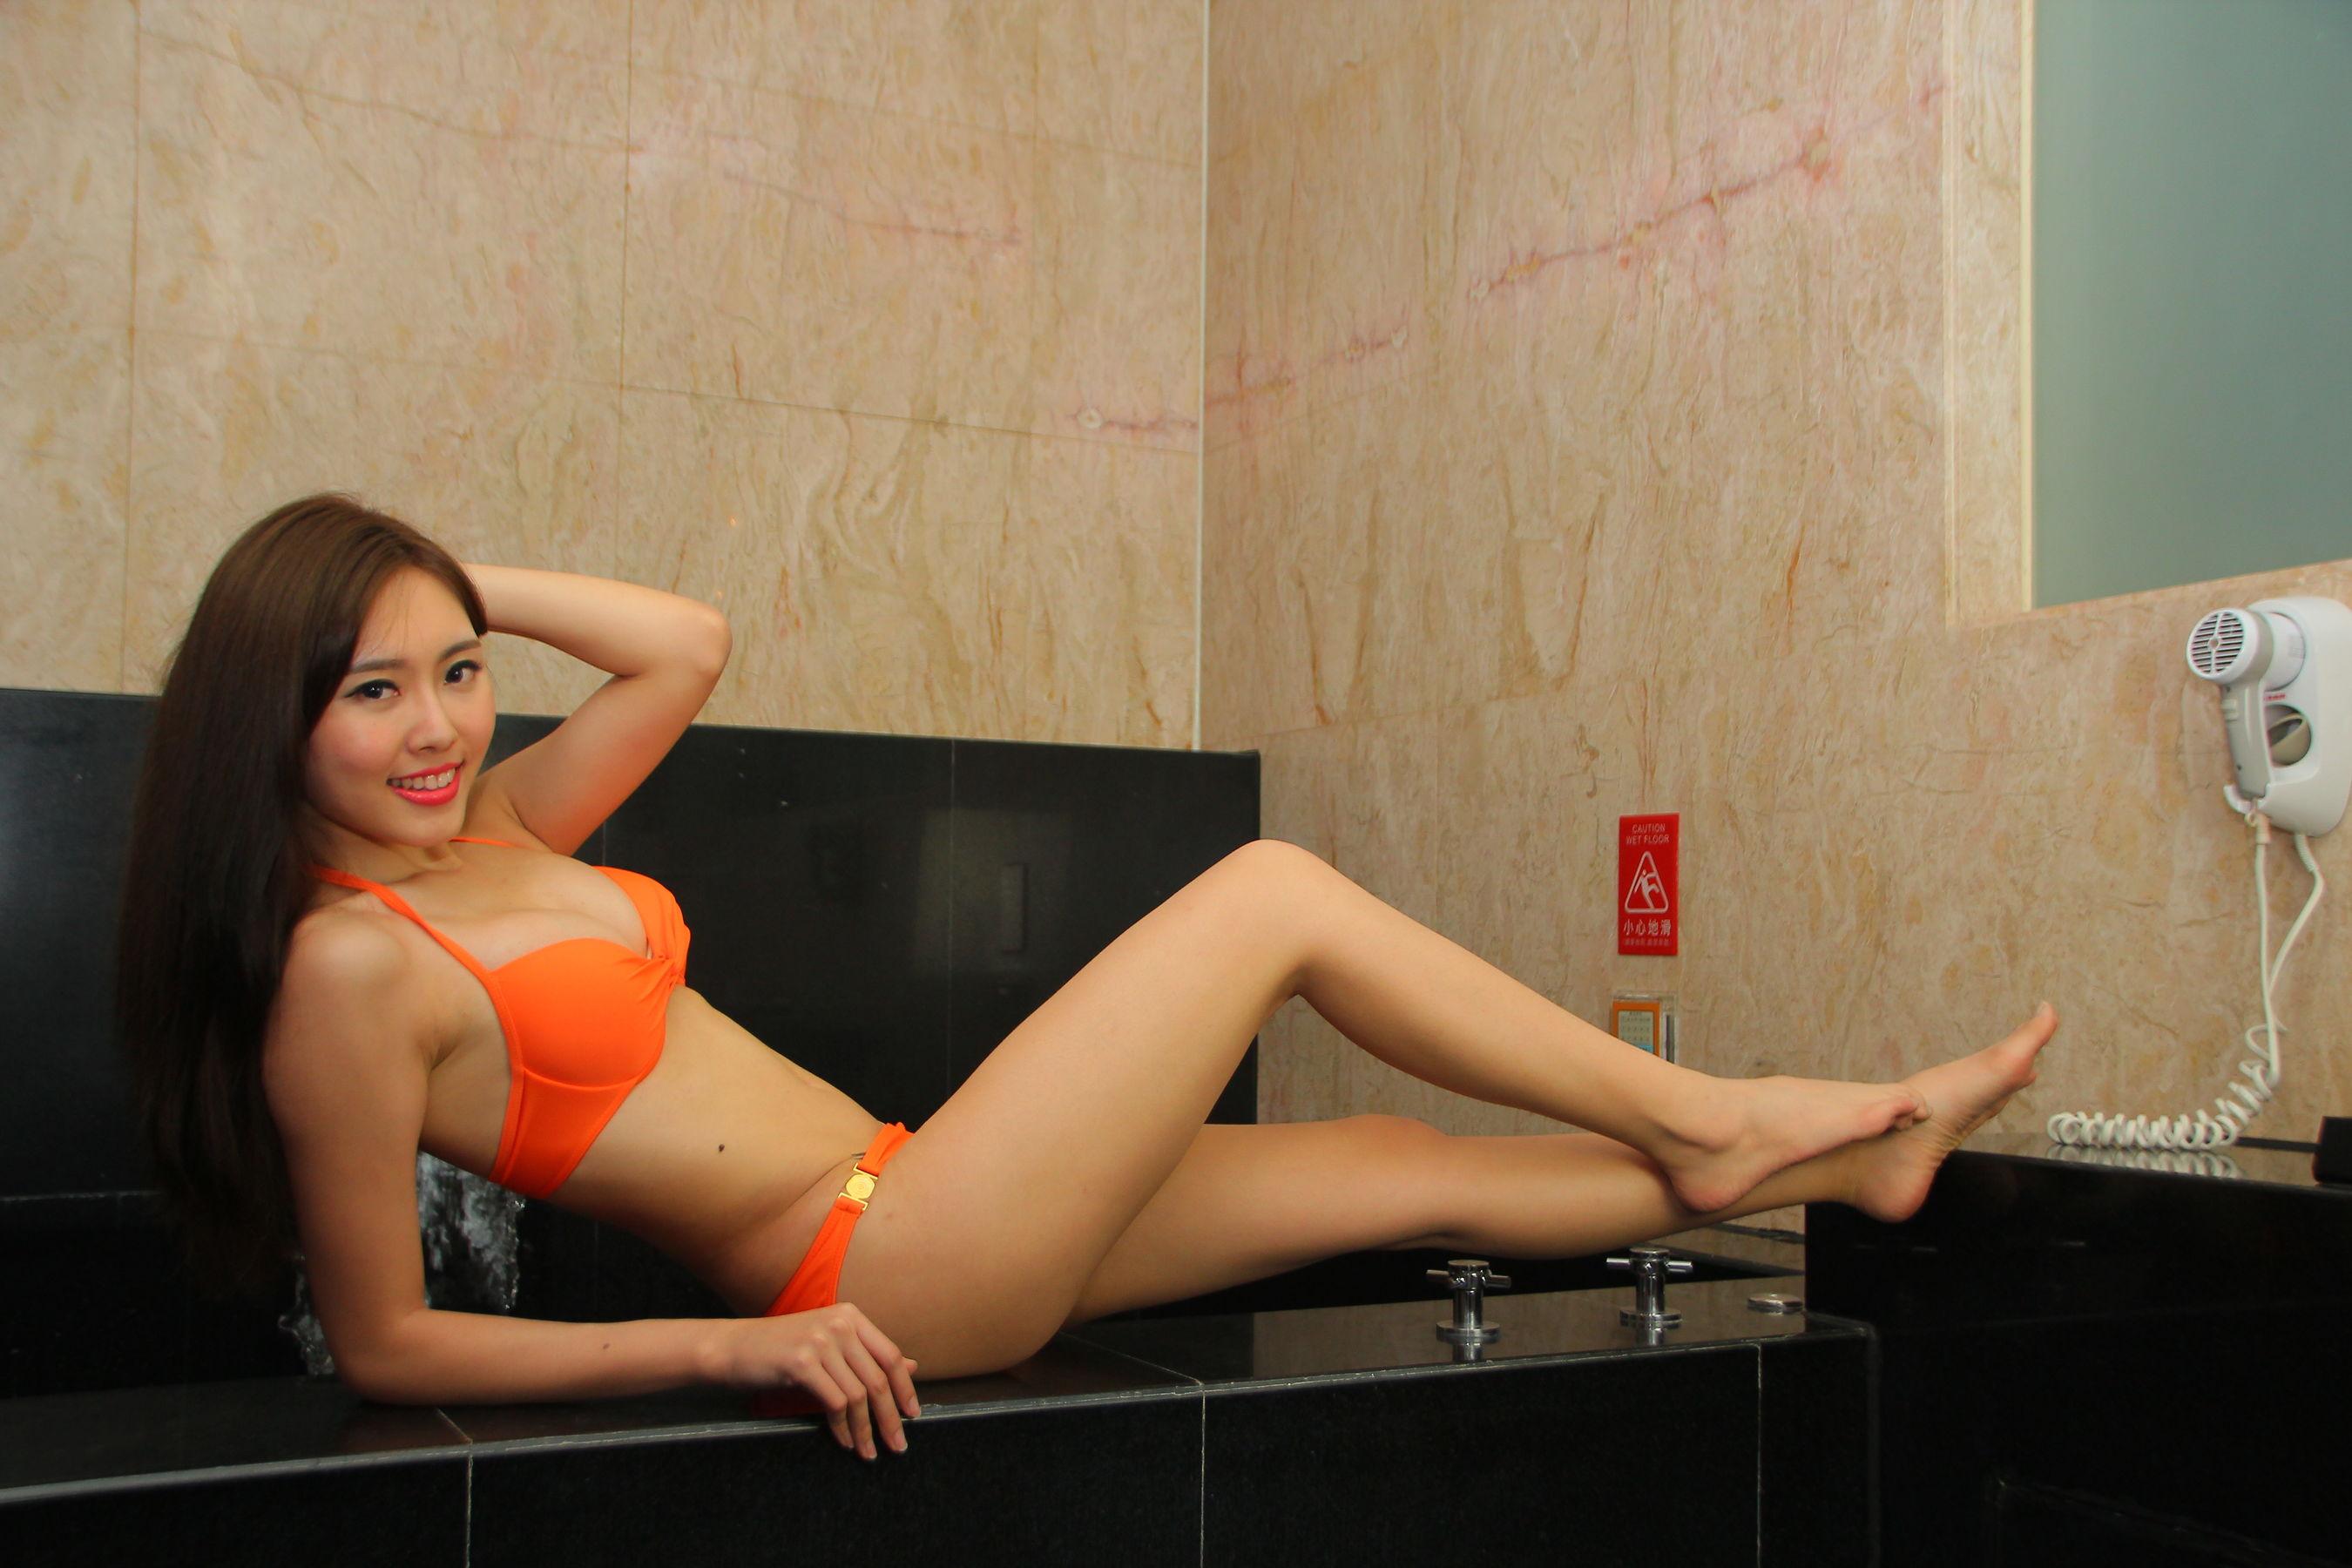 VOL.868 [台湾正妹]比基尼:郭珉妏(腿模Queenie)超高清个人性感漂亮大图(36P)